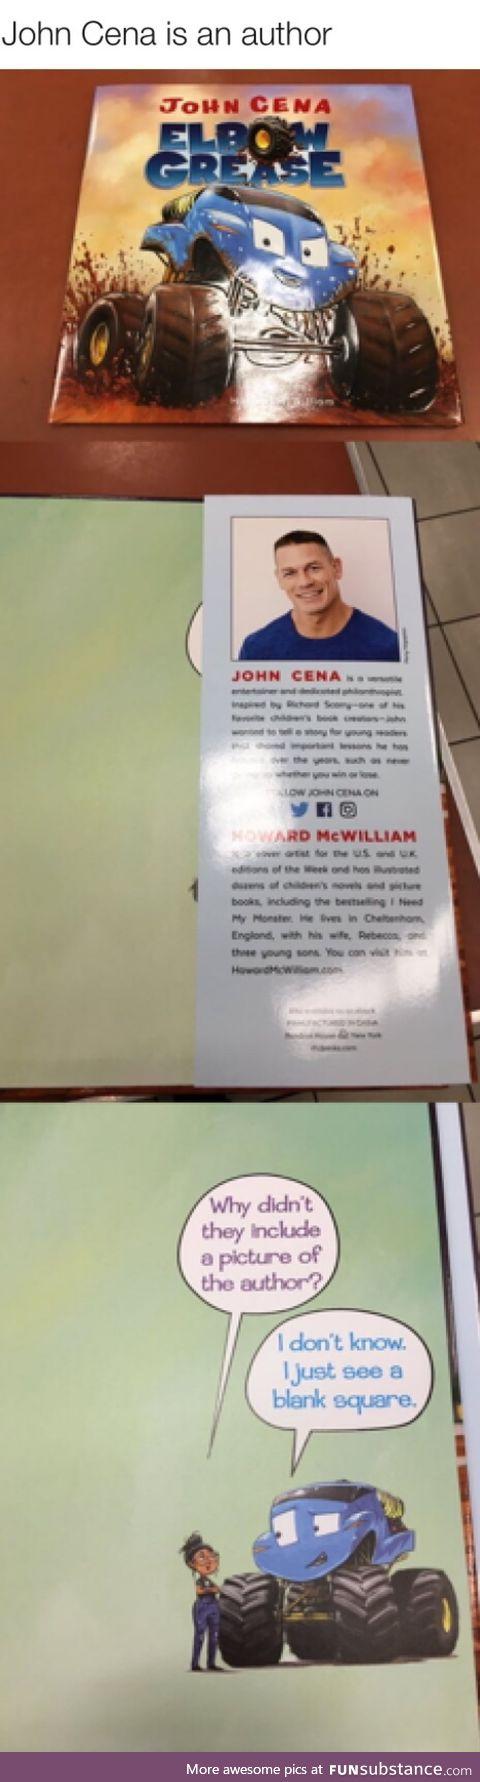 John Cena is an author